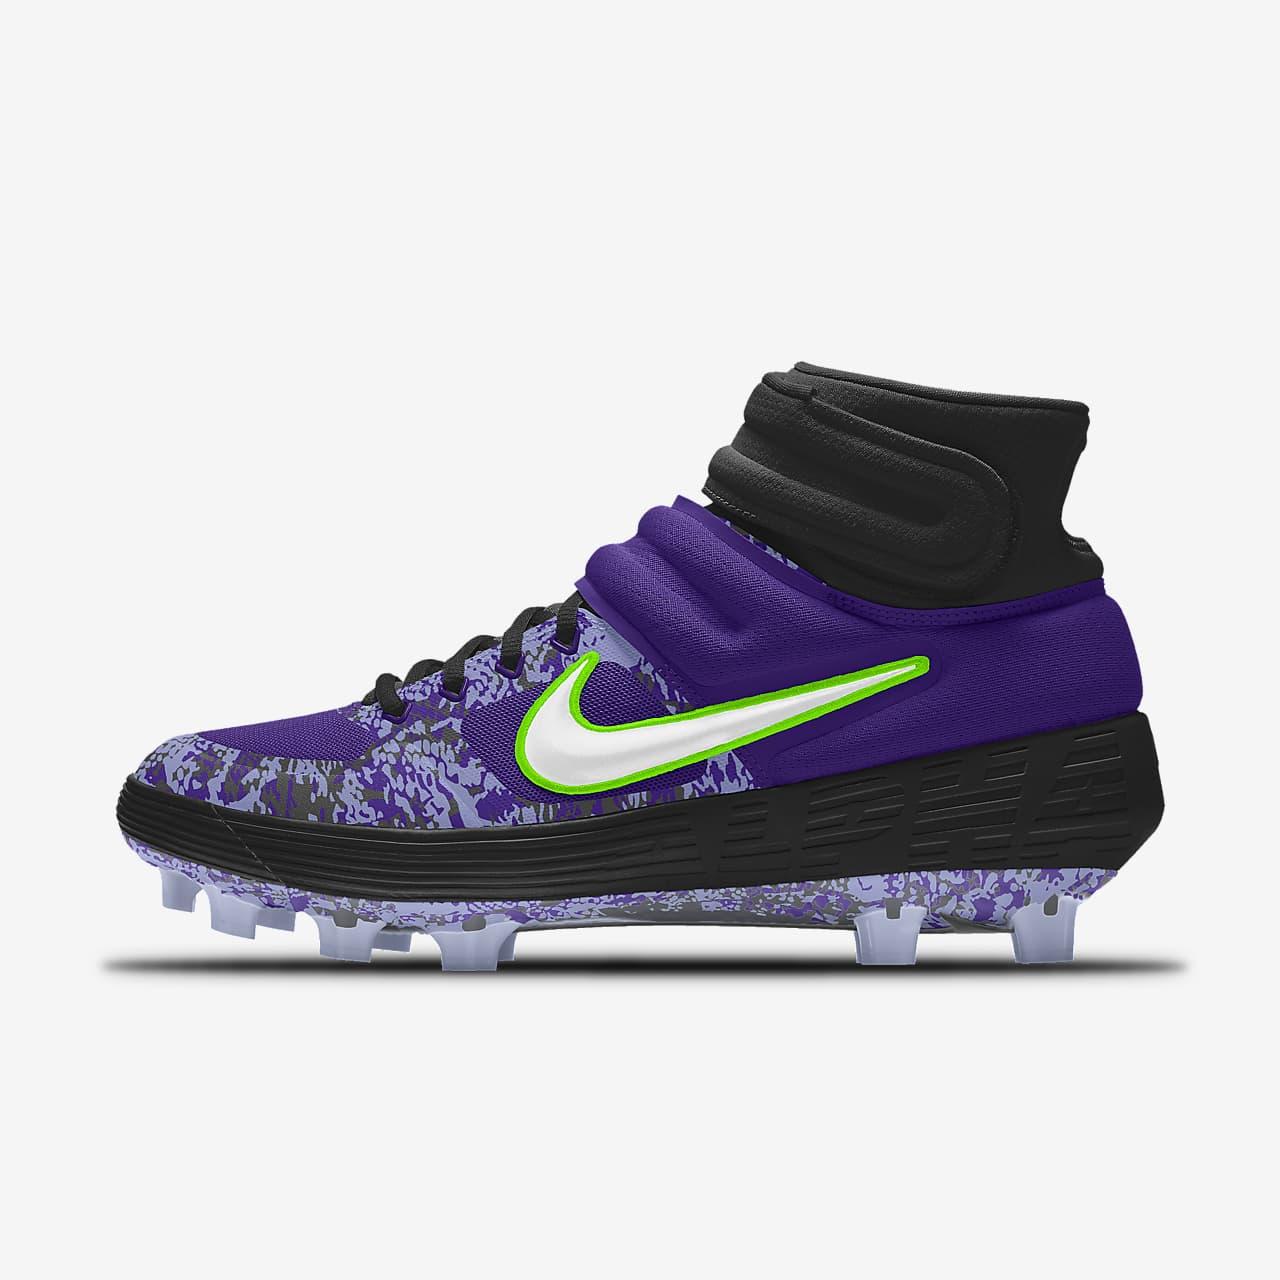 Nike Alpha Huarache Elite 2 Mid MCS Premium By You Custom Baseball Cleat